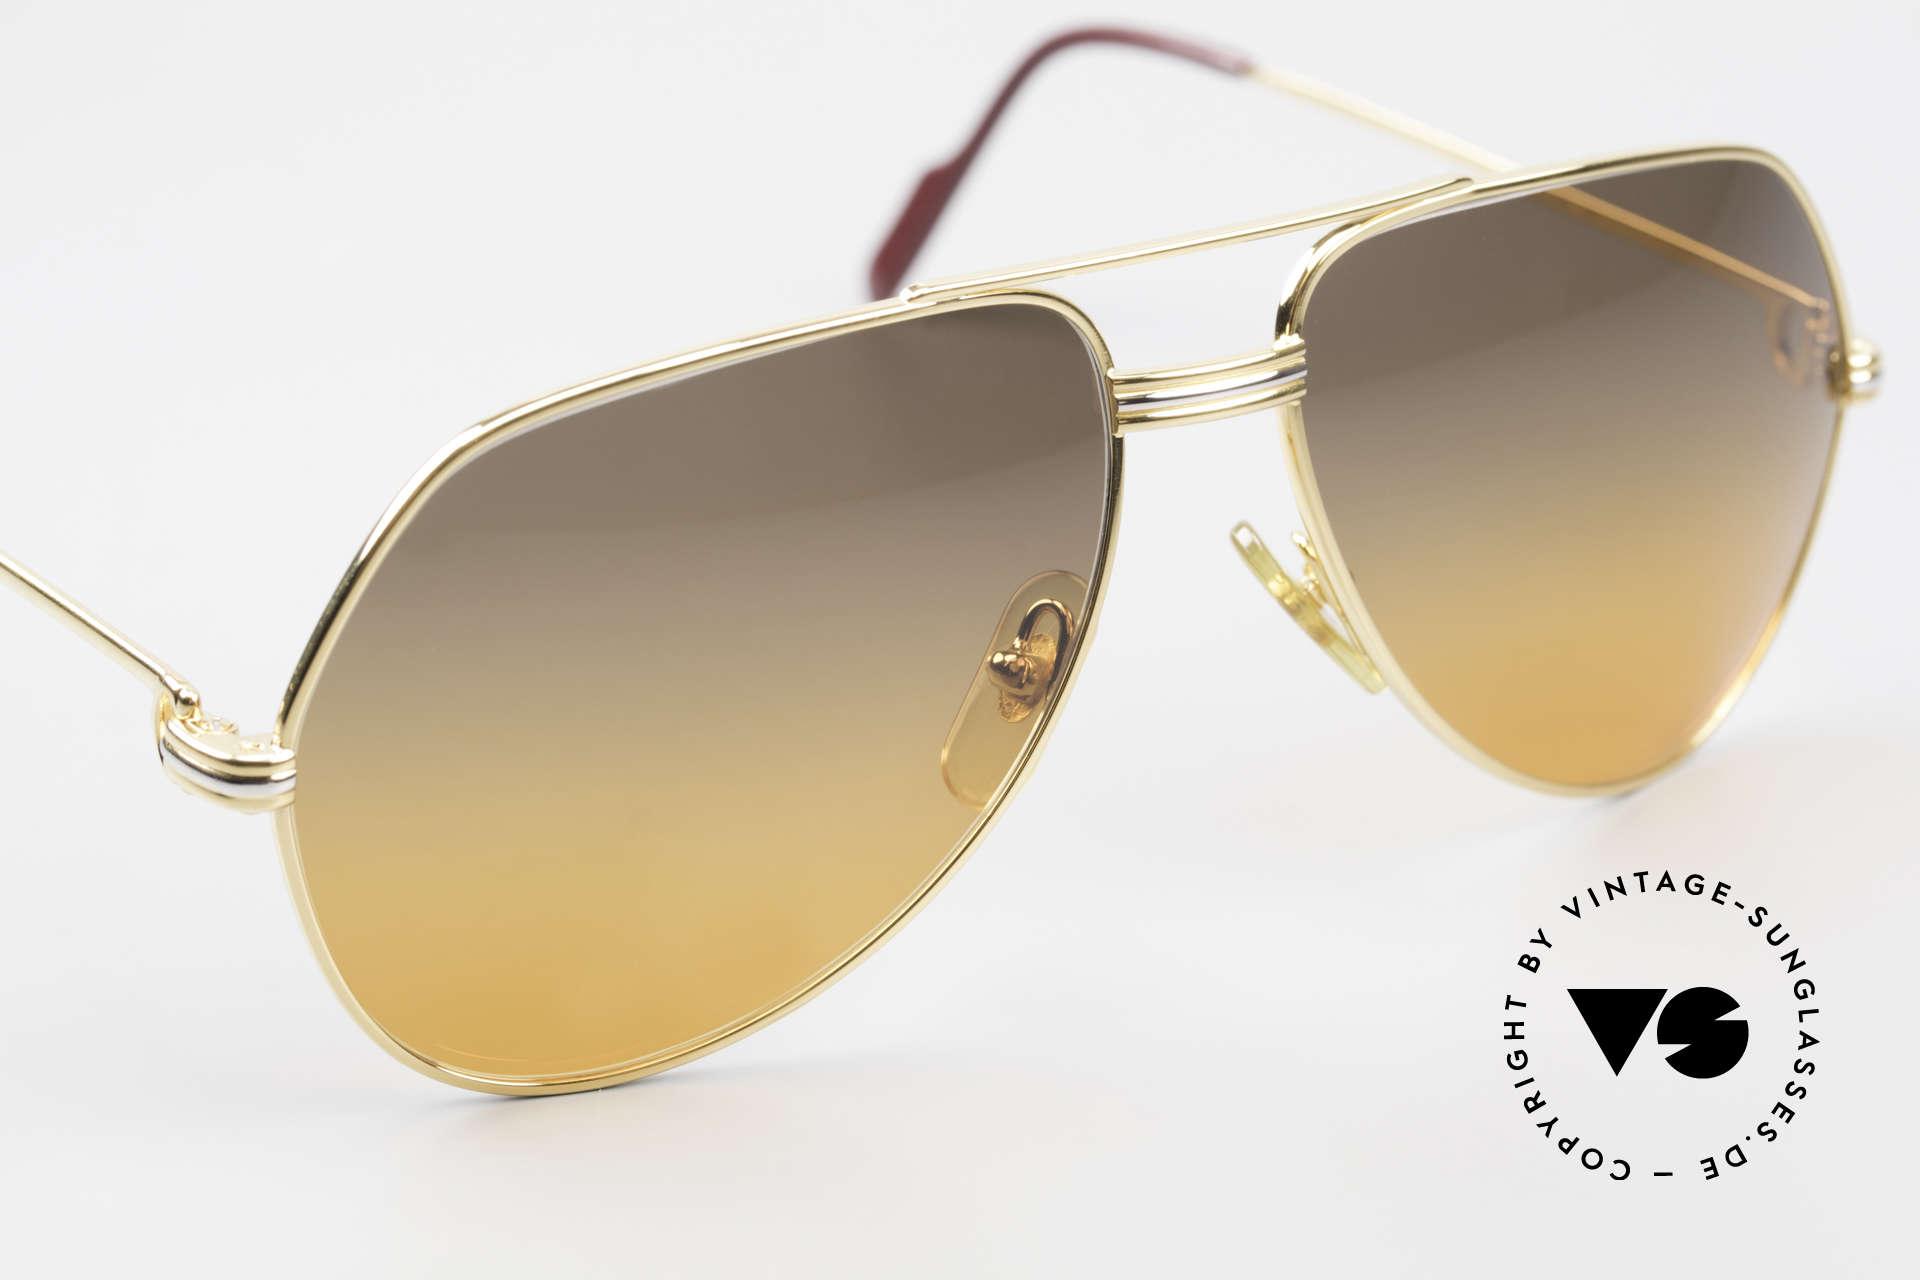 Cartier Vendome LC - M Film-Sonnenbrille Wall Street, Luxus-Fassung (22kt) mit neuen Gläsern in braun/orange, Passend für Herren und Damen